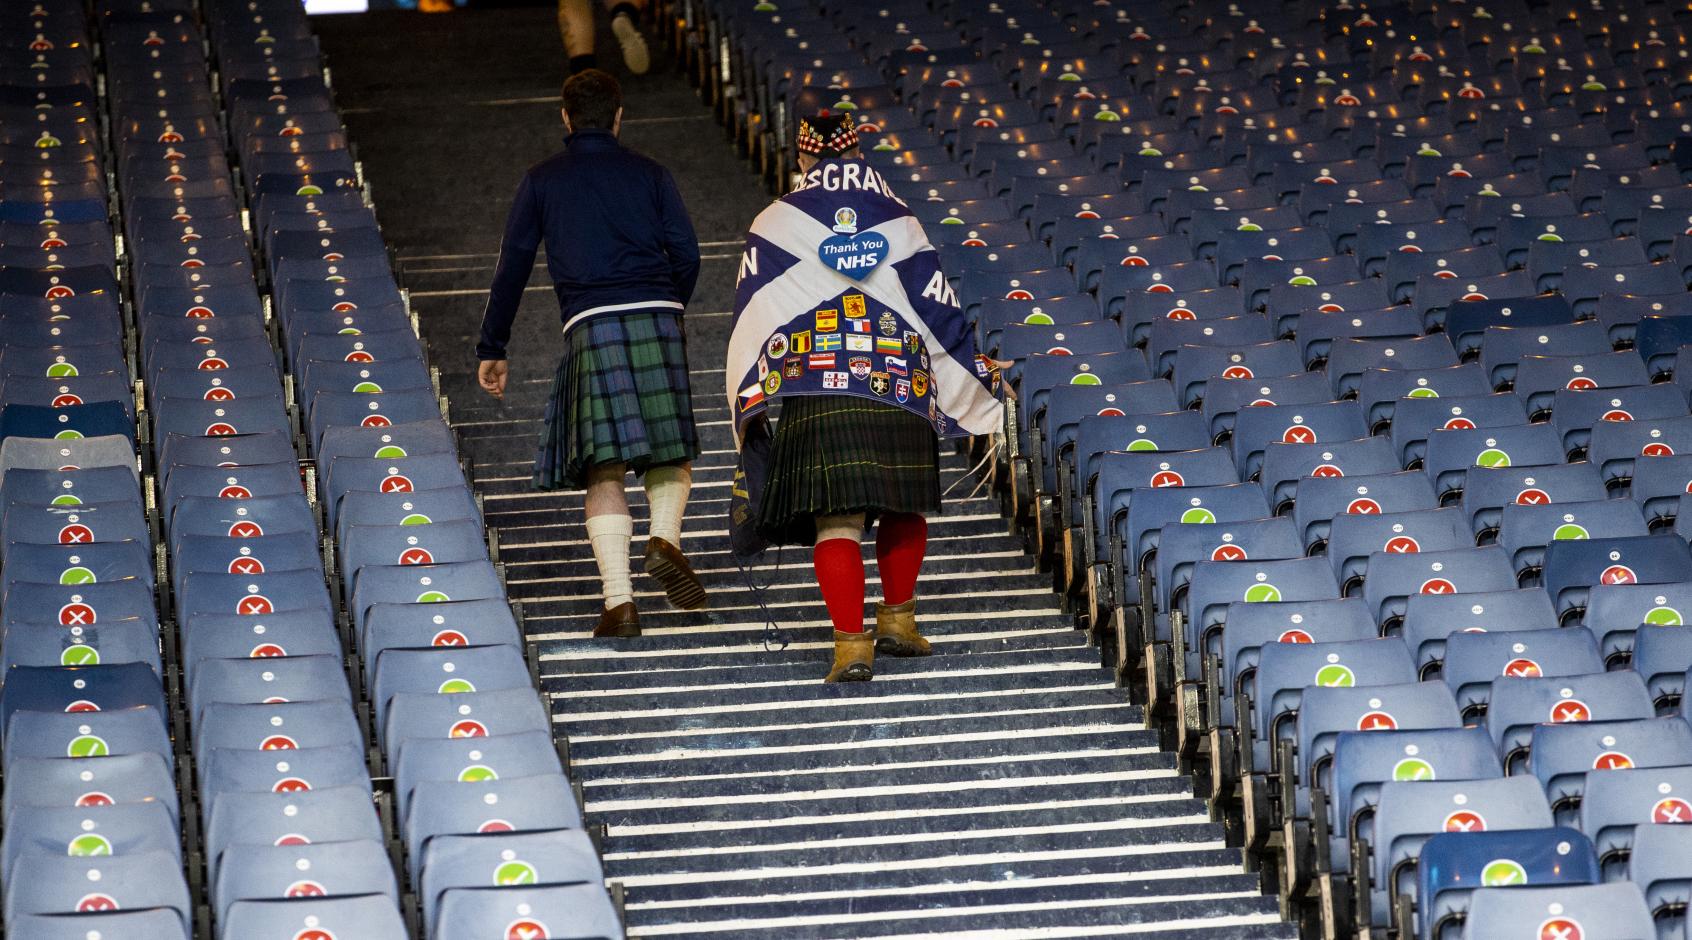 Шотландский виски для хорватов, исторический прорыв Макгрегора: главные новости Евро-2020 от 22 июня